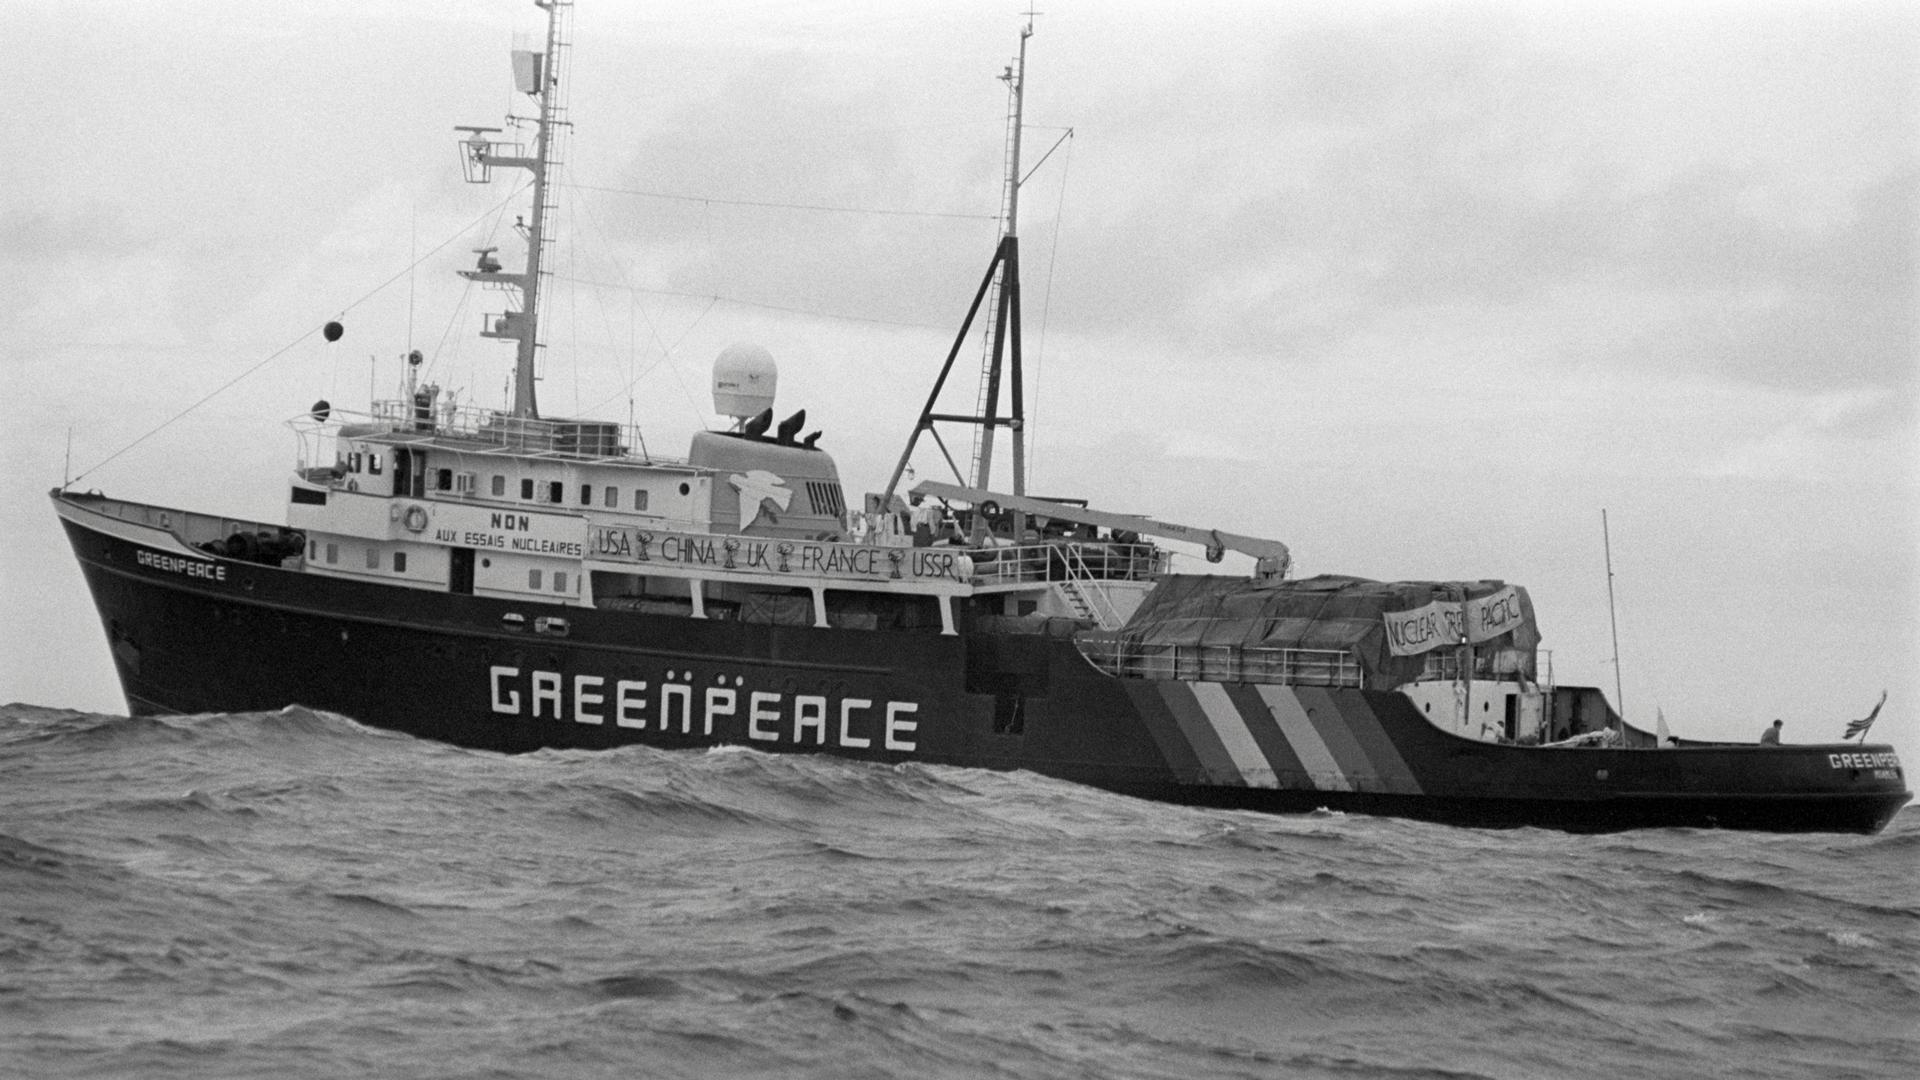 Атомная подлодка и диверсанты против судна-развалюхи: Как французские спецслужбы пытались проучить Гринпис